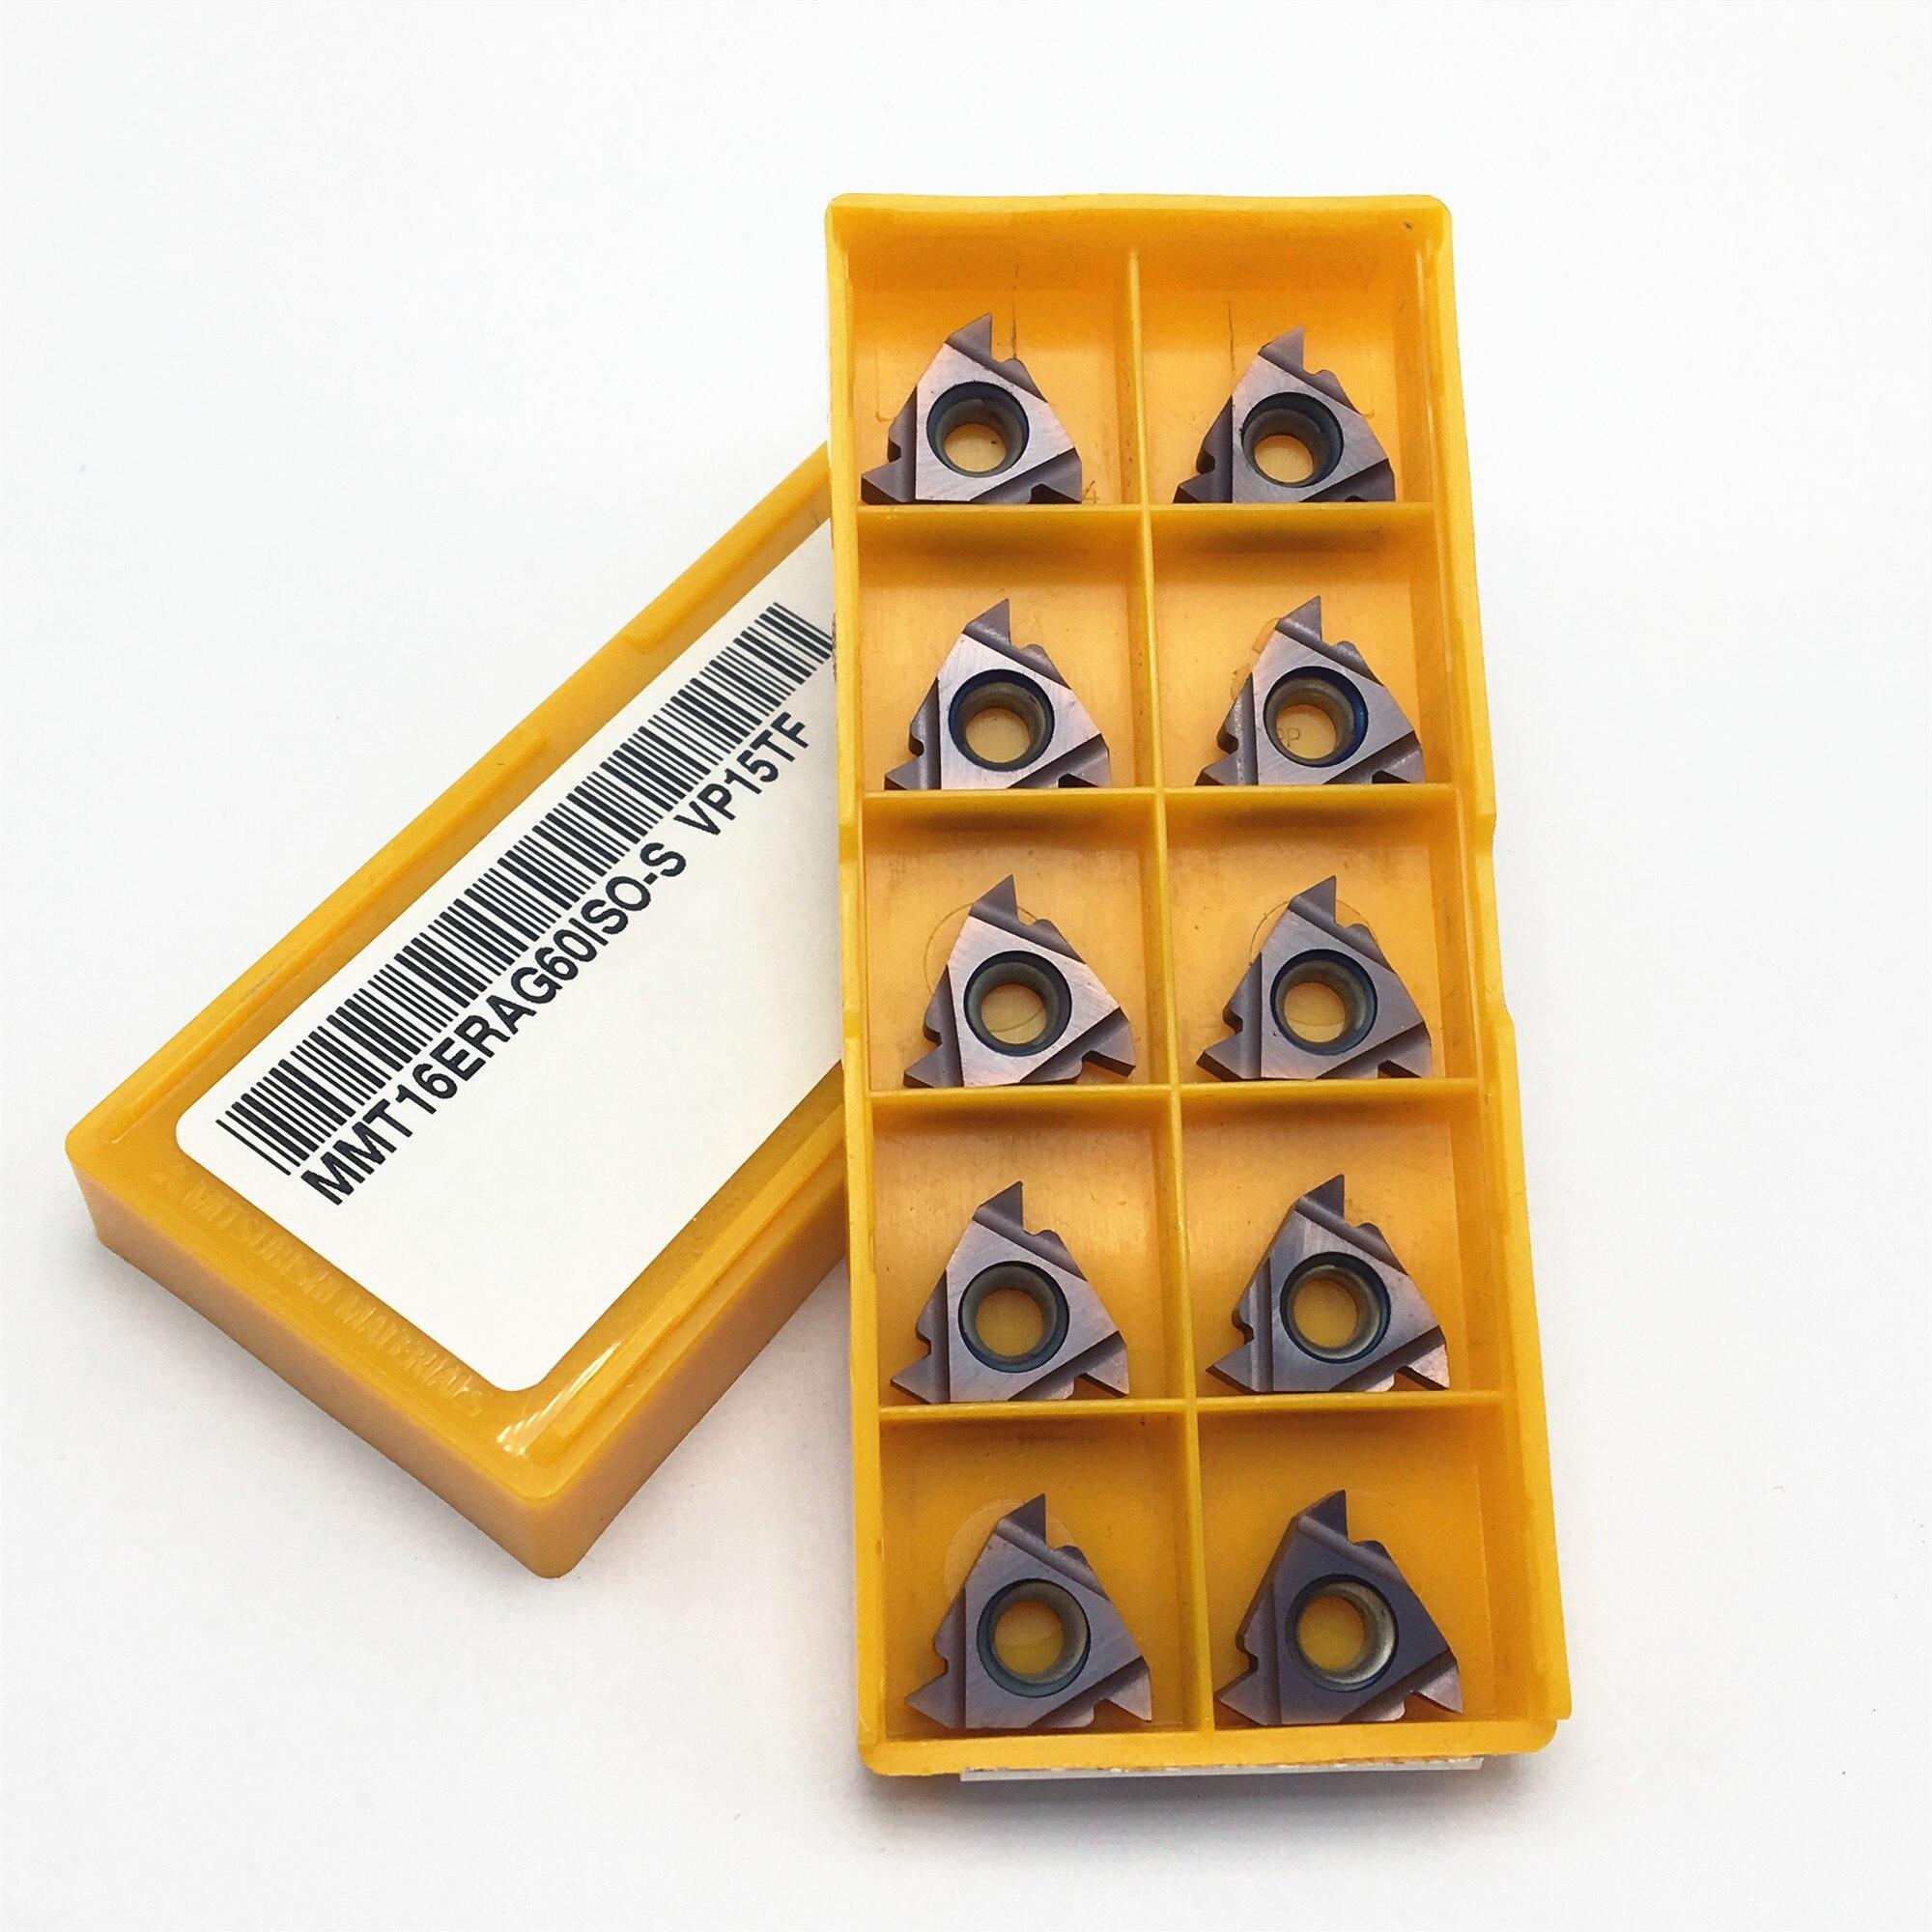 10PCS 16IR 16ER AG60 VP15TF UE6020 US735 gewinde drehen werkzeug hartmetall klinge CNC drehmaschine schlitz gewinde messer 11ERAG60 11IRAG60